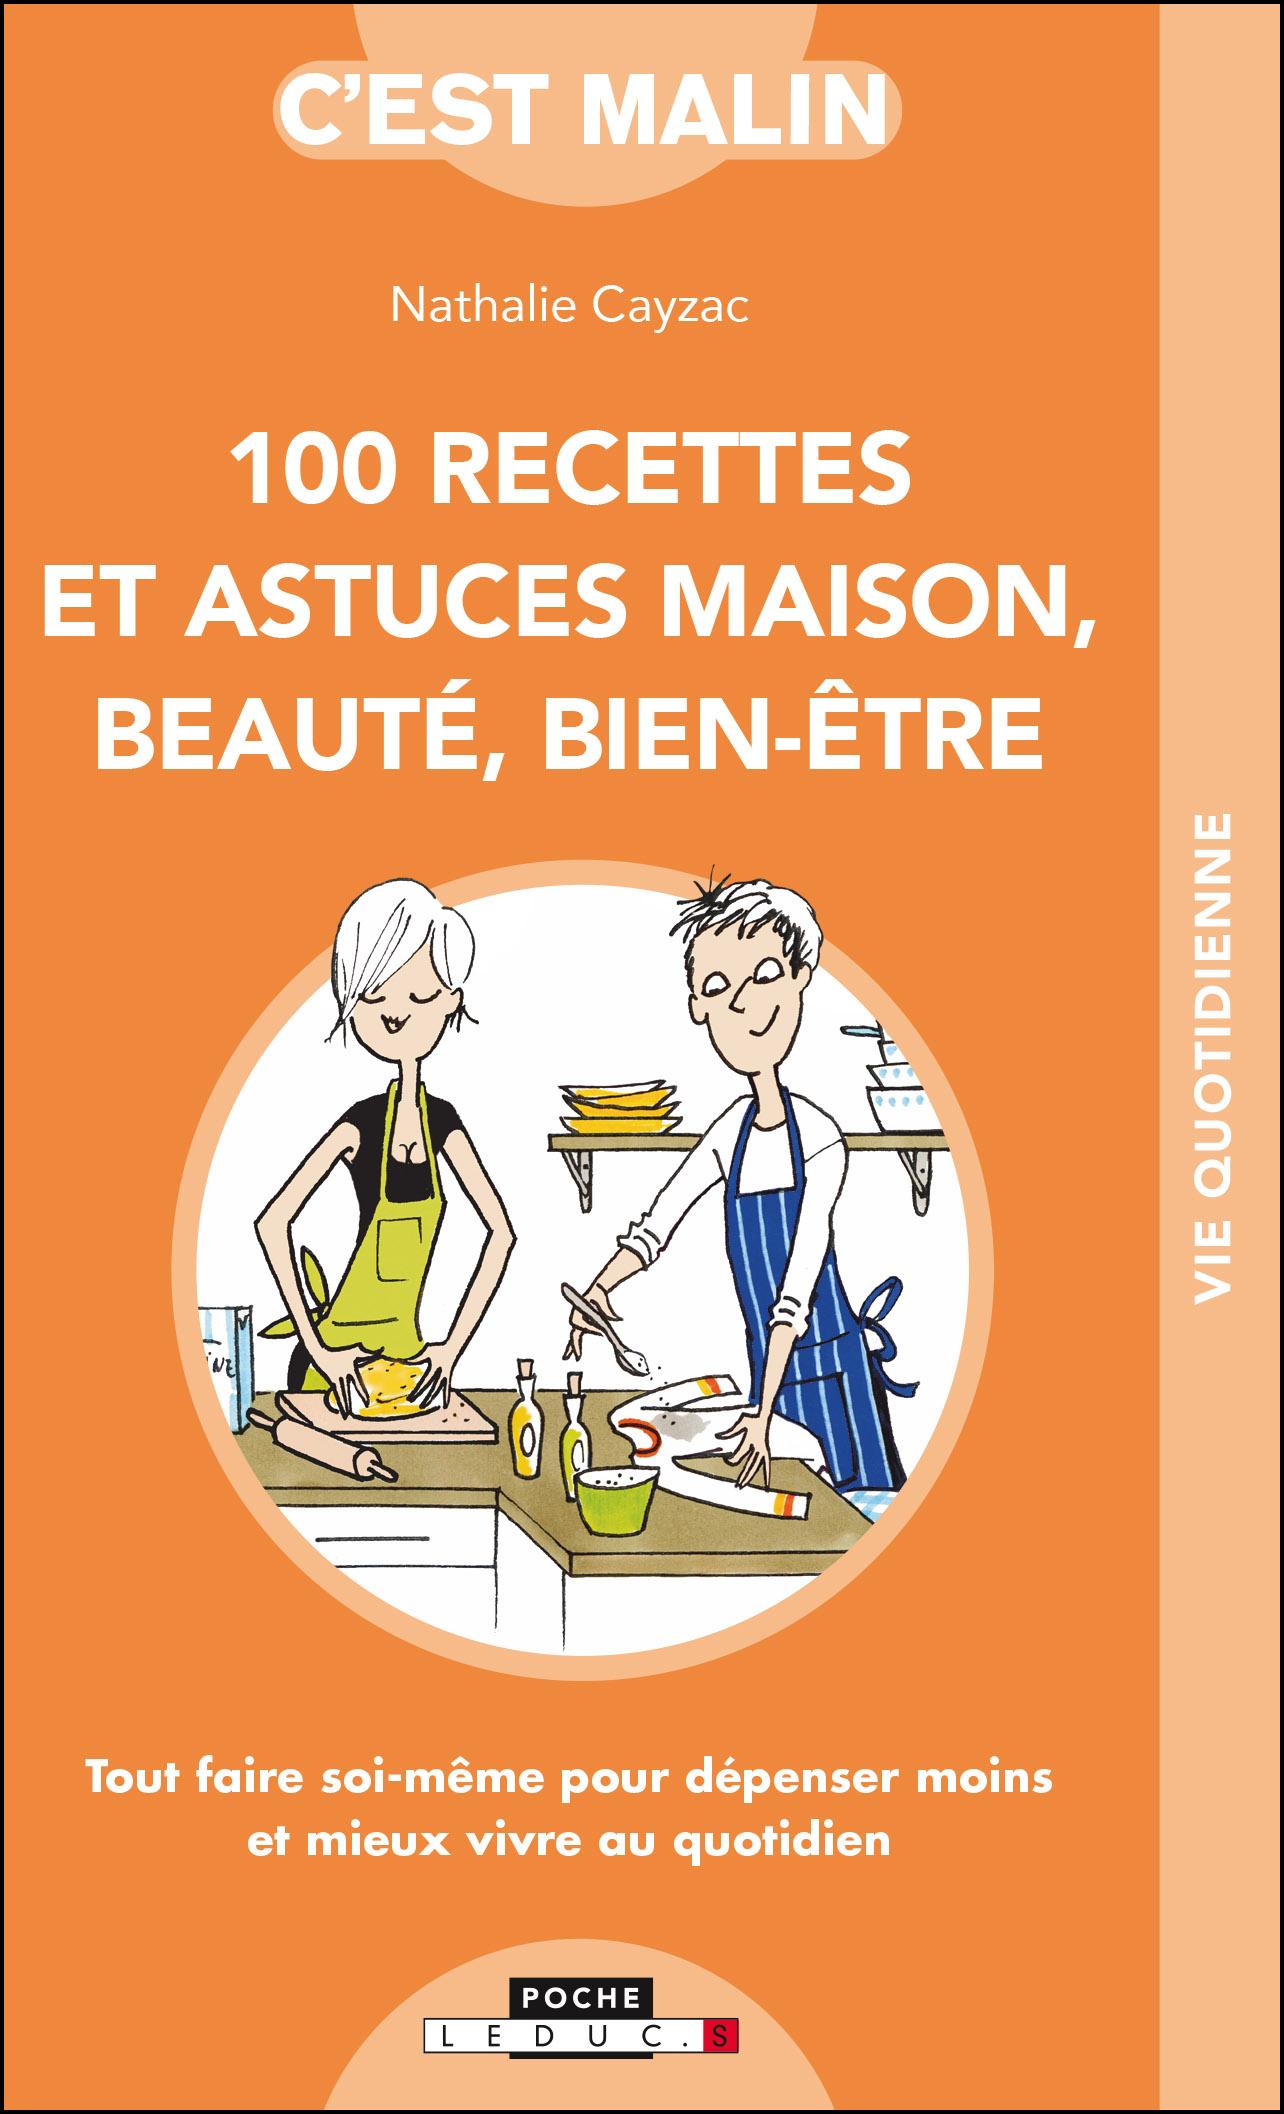 100 recettes et astuces maison, beauté, bien-être - Tout faire soi ...